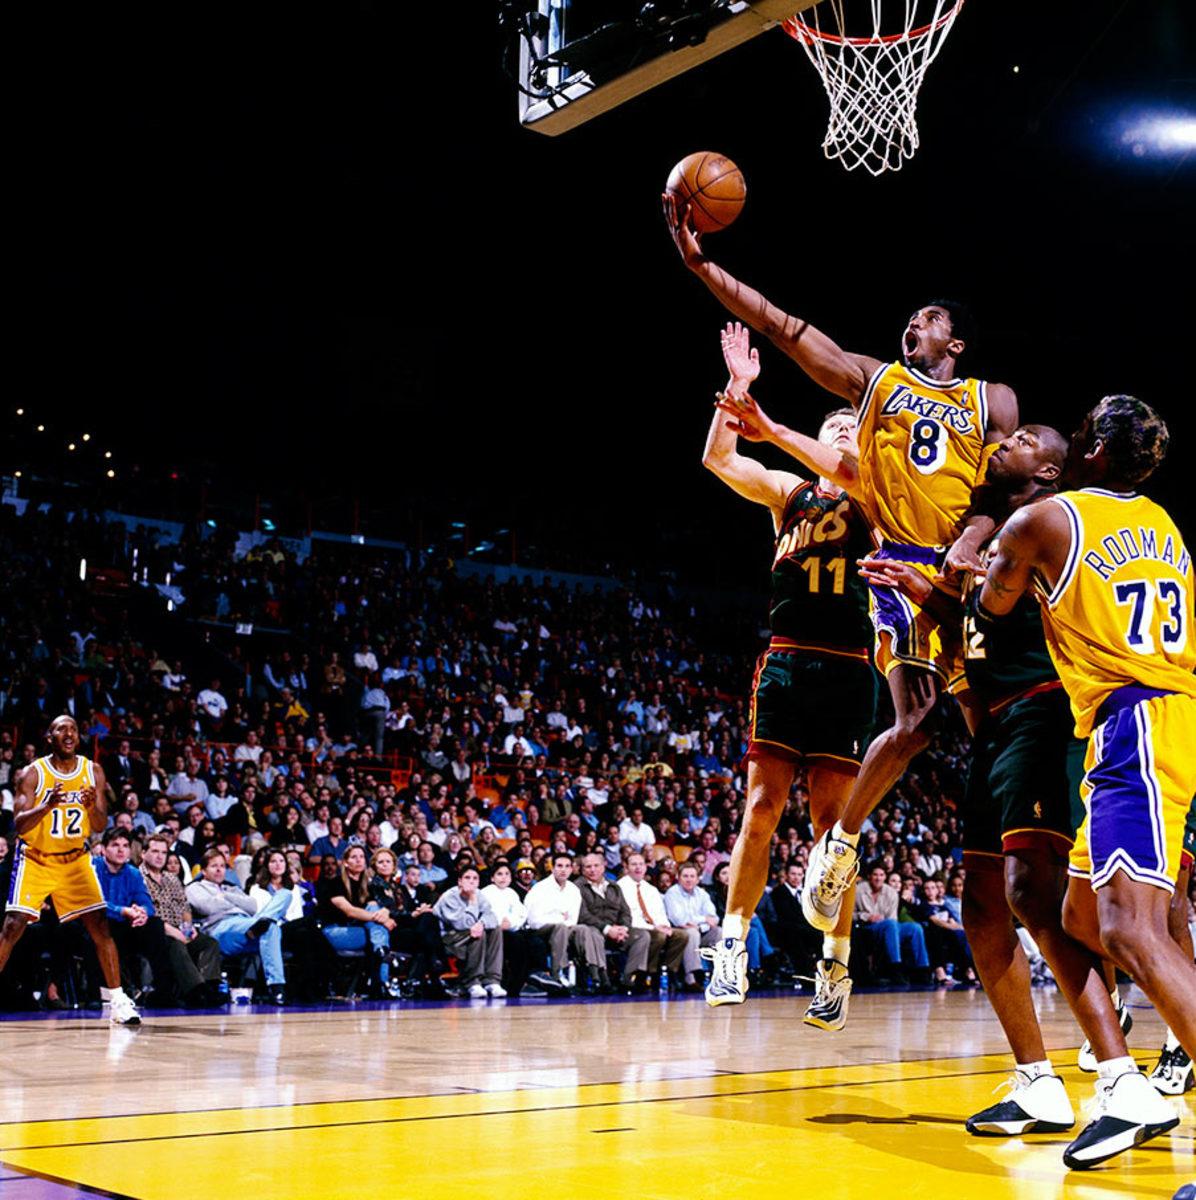 1999-1226-Kobe-Bryant-079117370.jpg